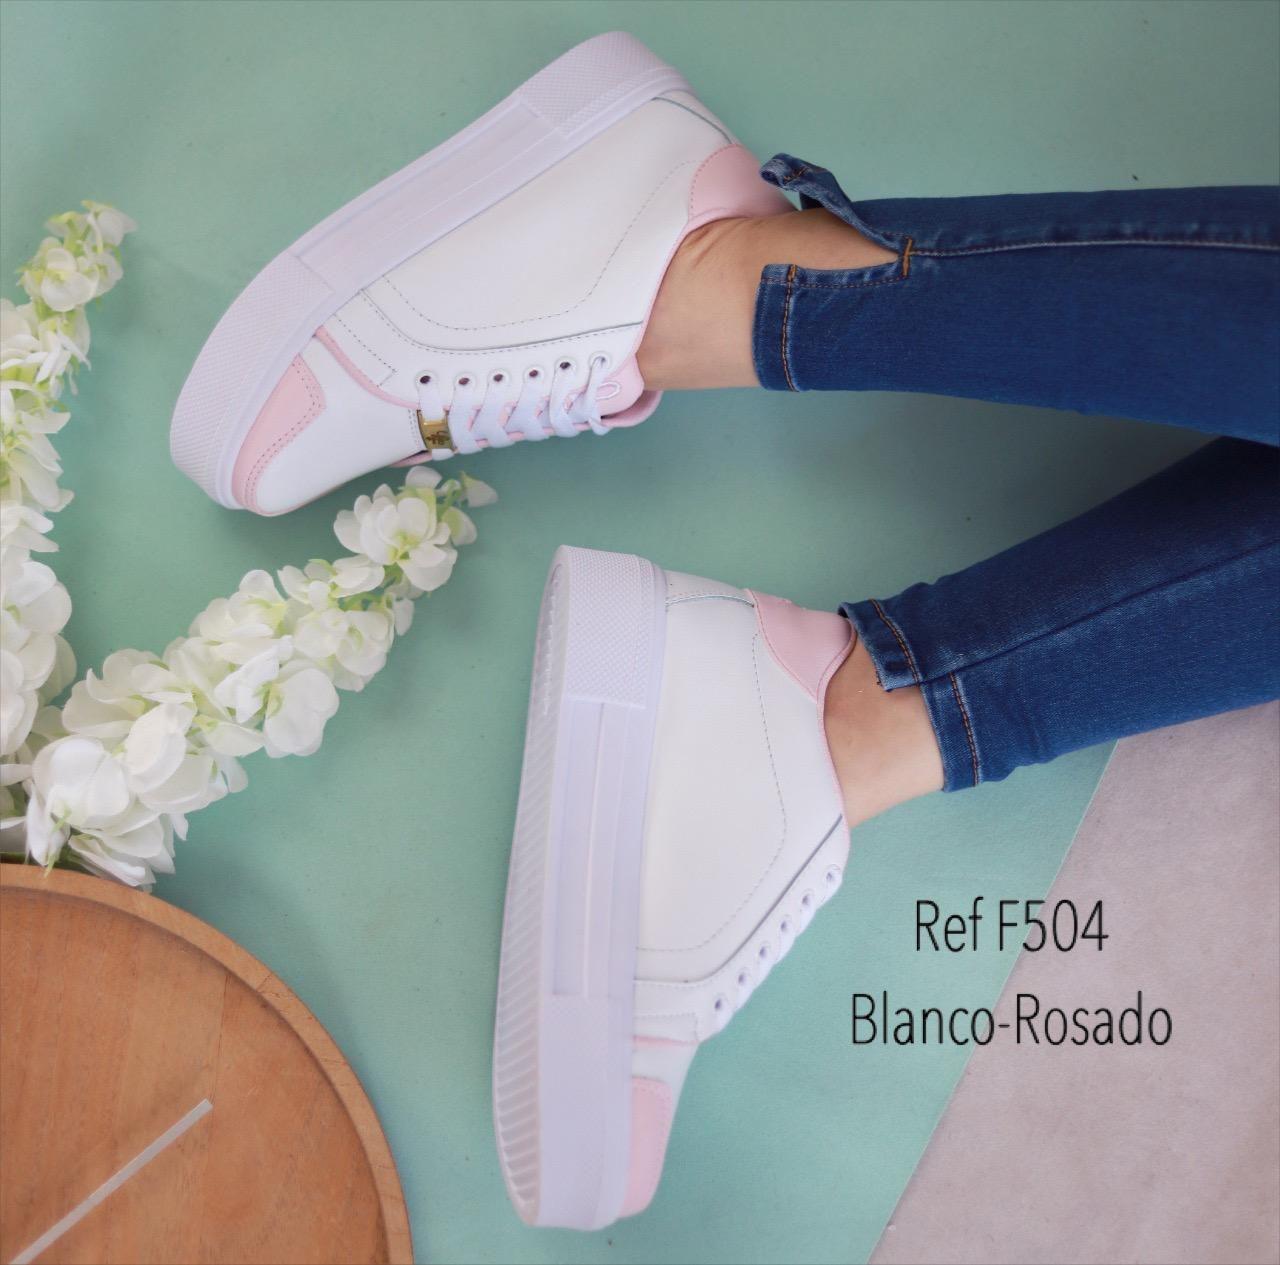 RefF-504 Blanco/rosado